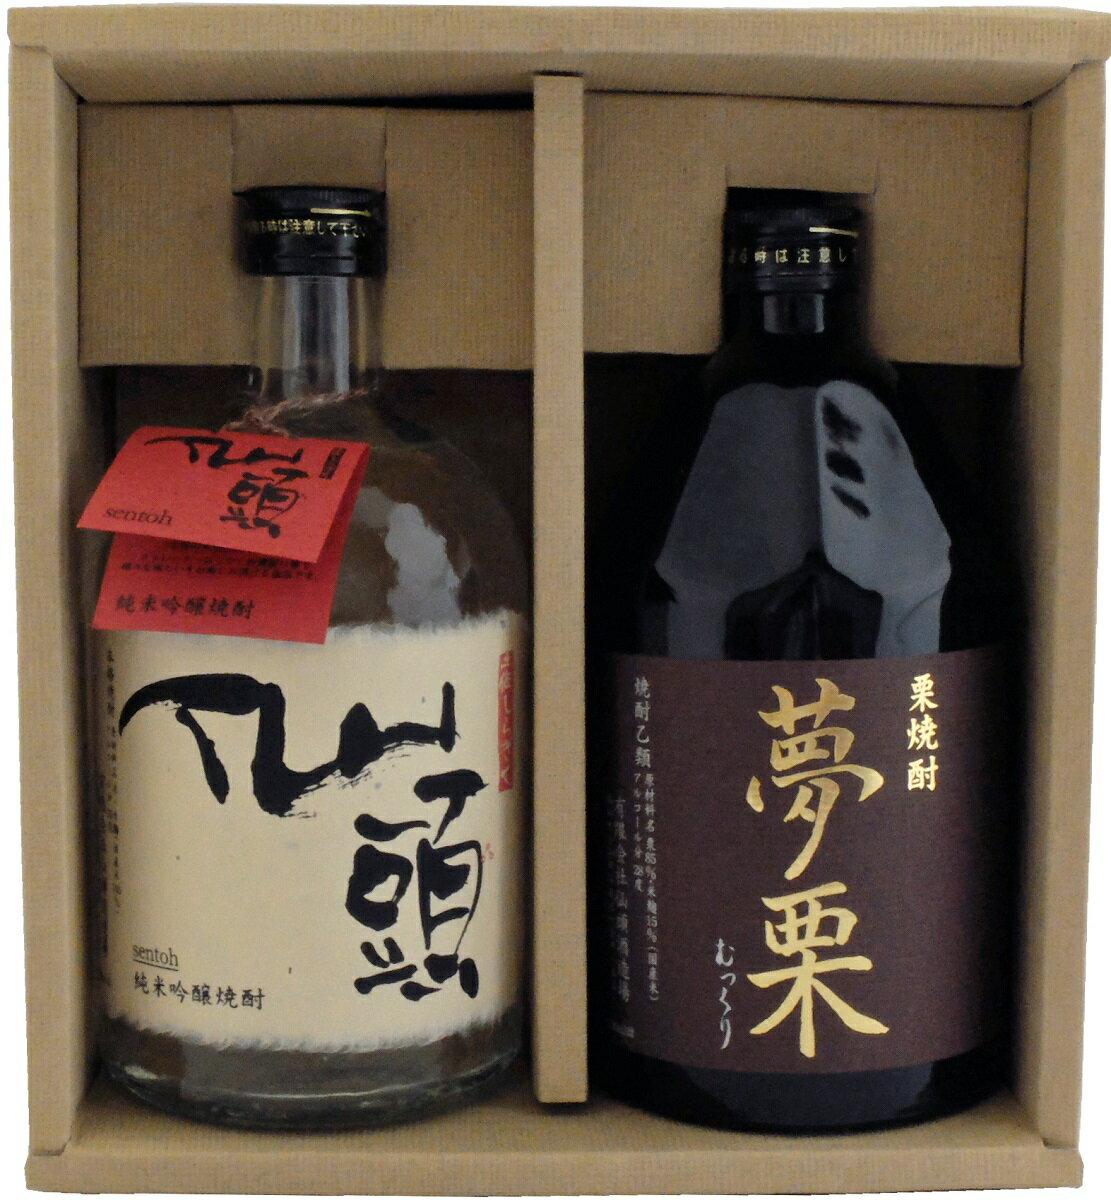 【ふるさと納税】夢栗 栗焼酎・仙頭 純米吟醸焼酎セット